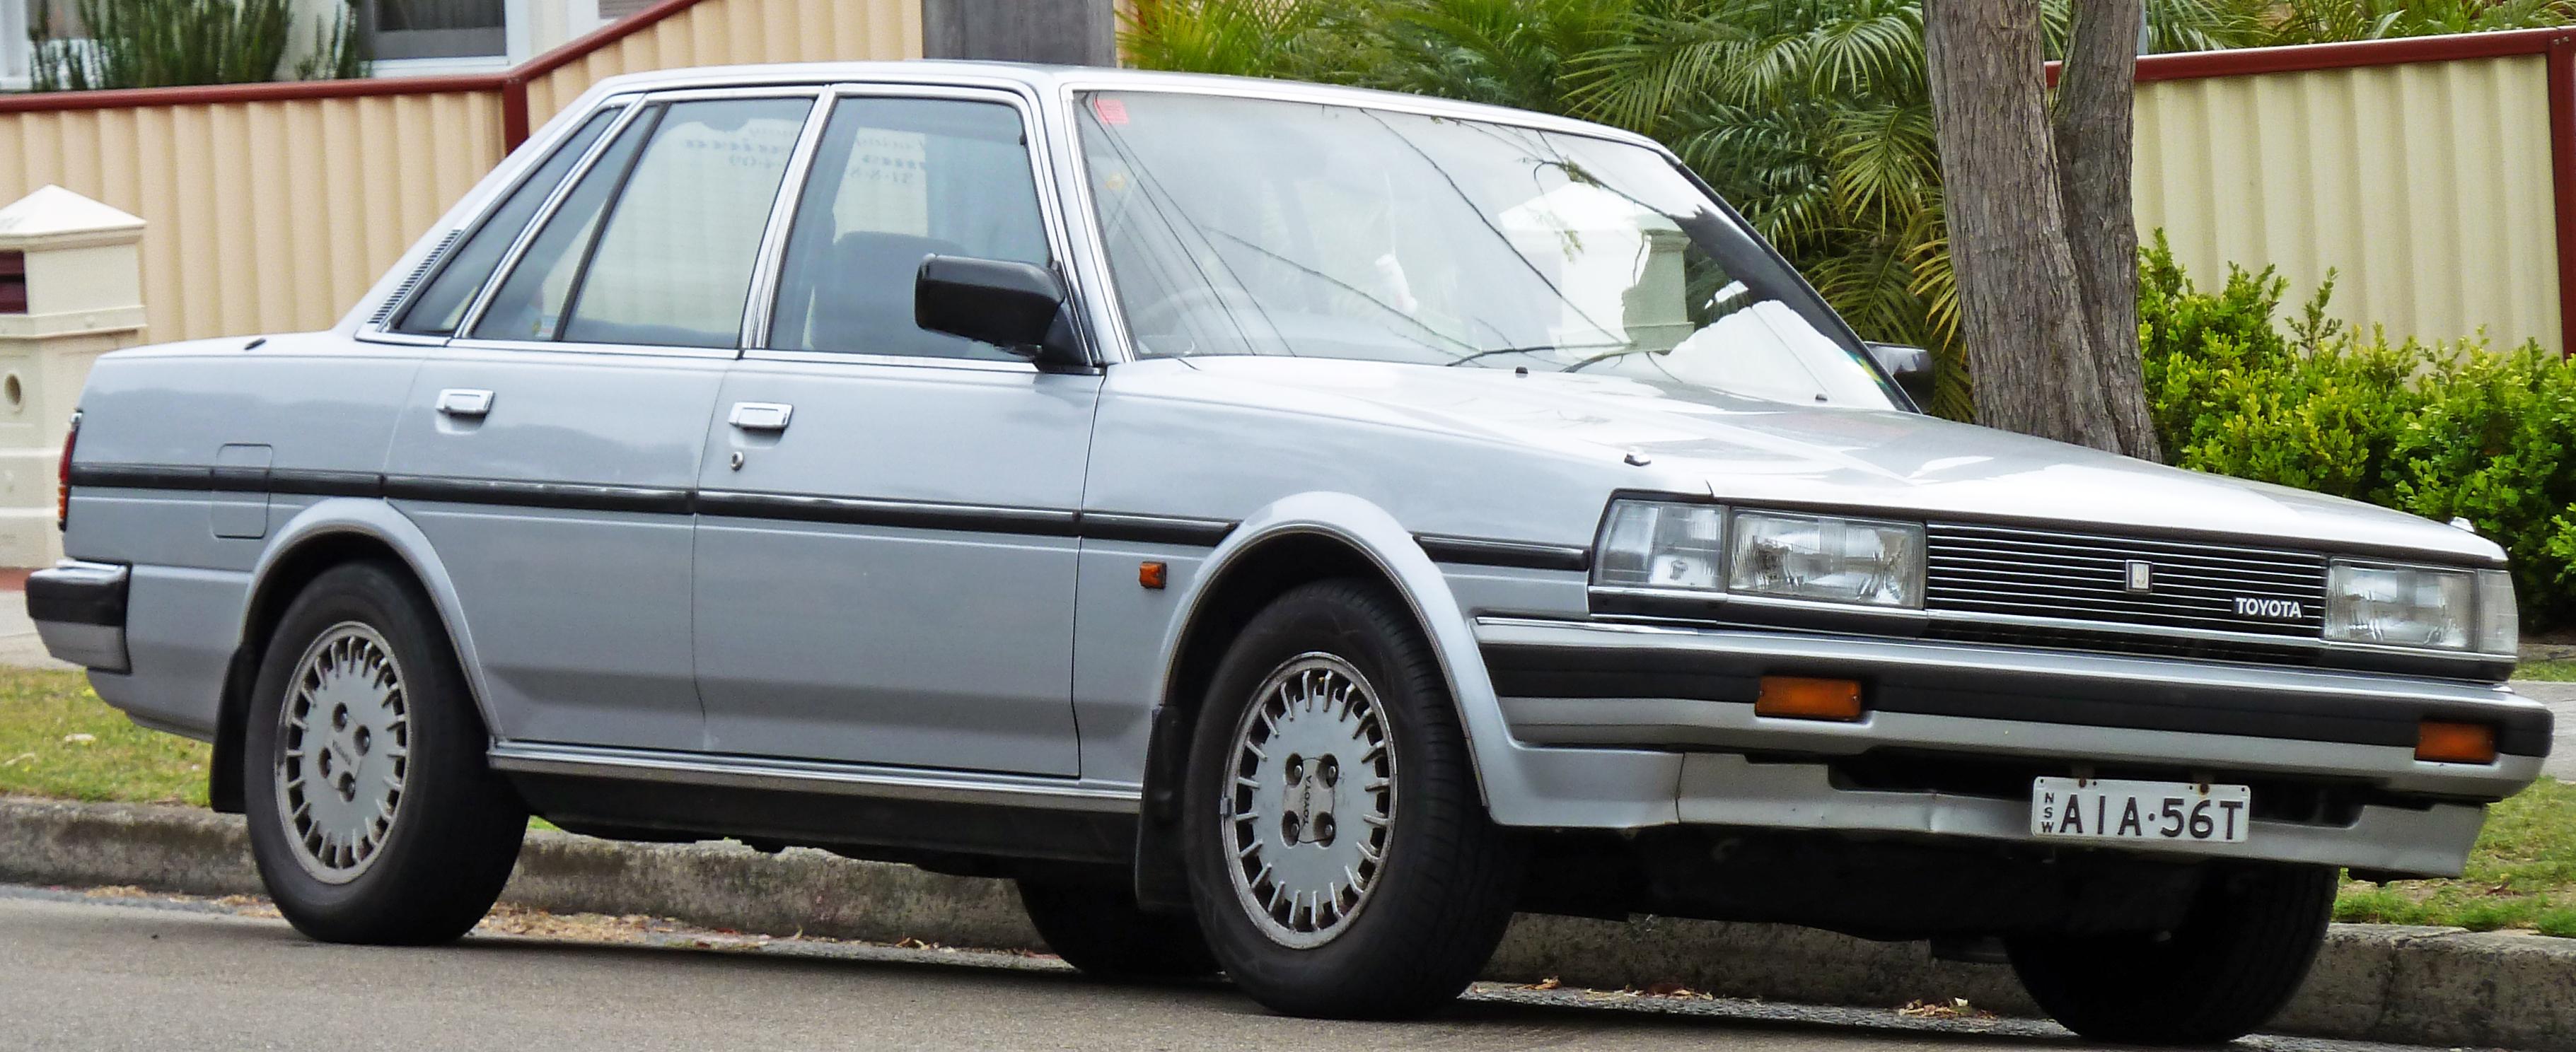 File1985 Toyota Cressida Mx73 Glx I Sedan 2010 09 23 01 Carina E Fuse Box Location